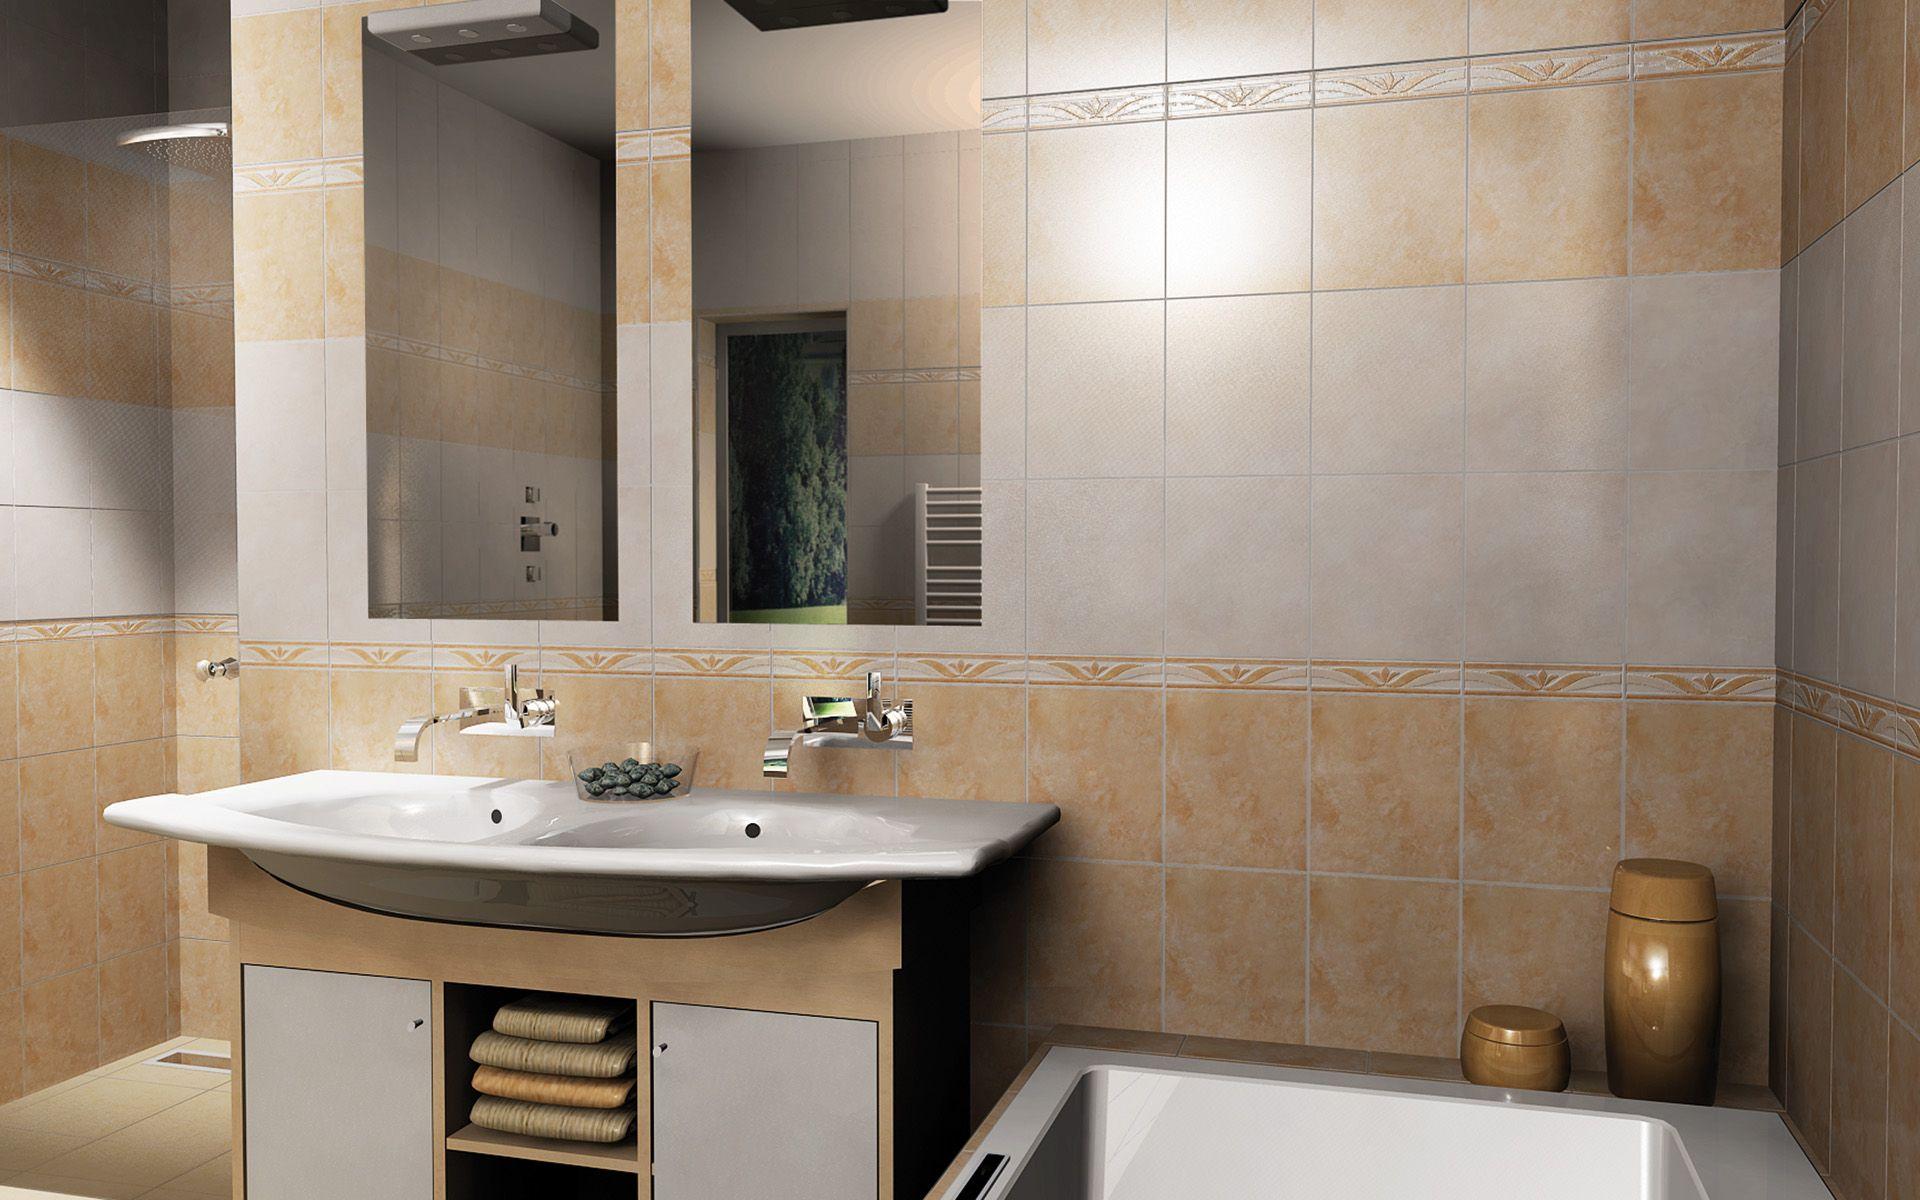 Zalakerámia Natura fürdőszobacsempe | Forgács Csempeház - Csorna